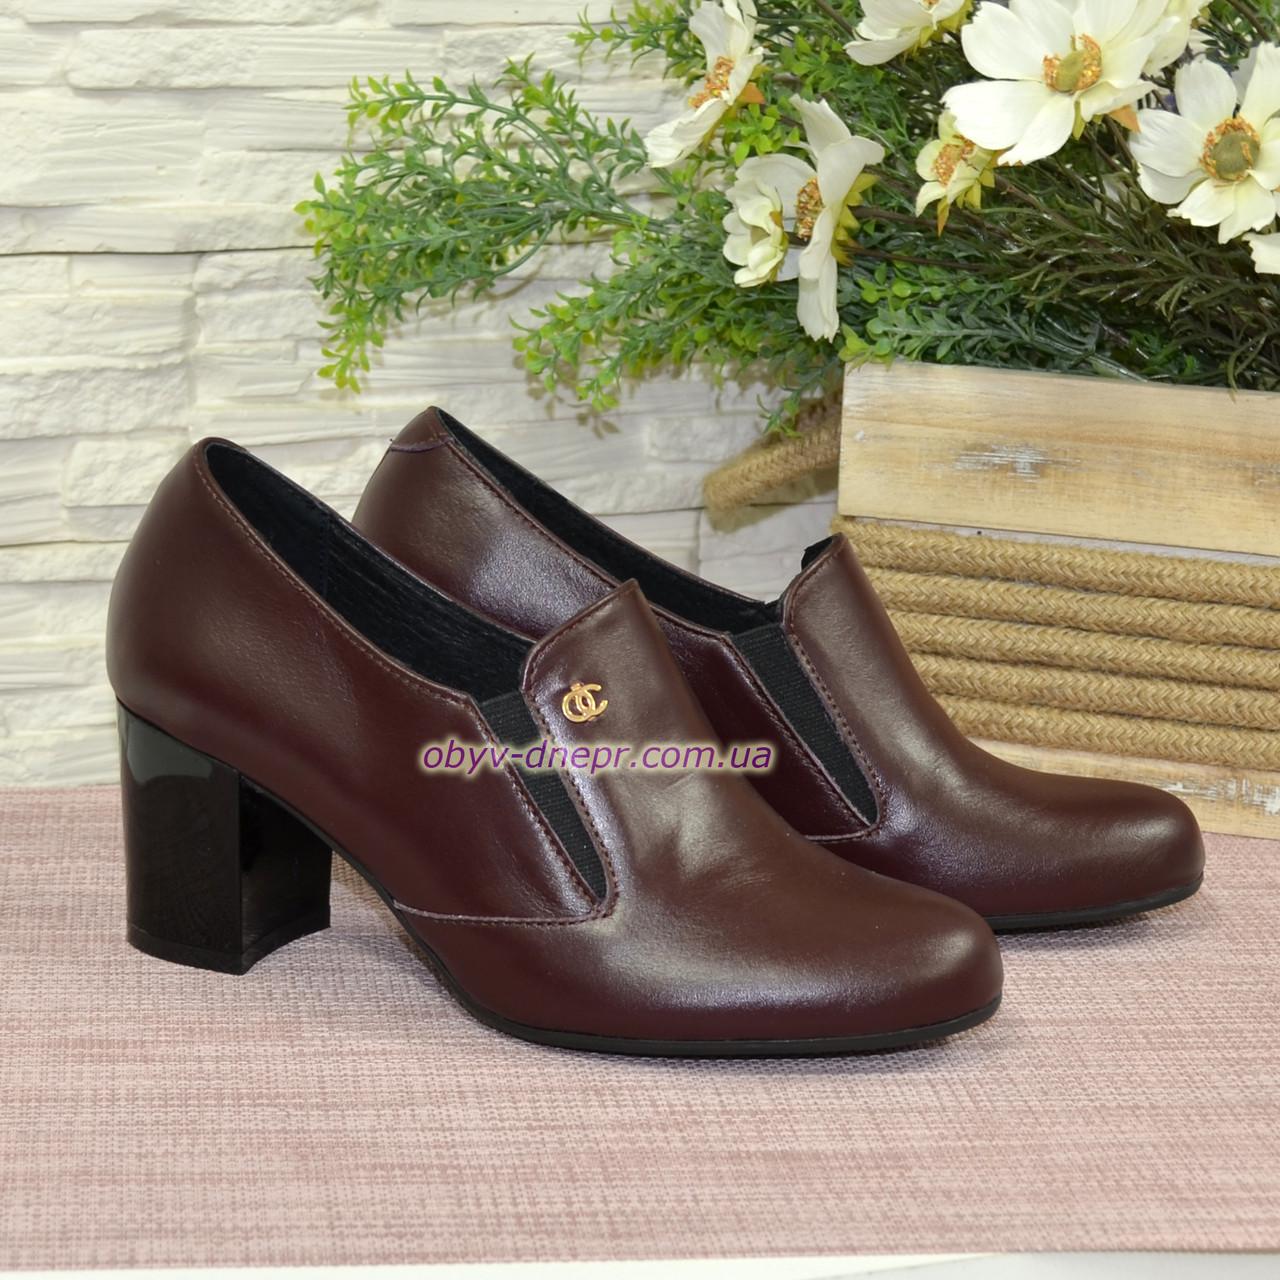 Кожаные женские туфли на невысоком каблуке, декорированы фурнитурой. Бордовый цвет